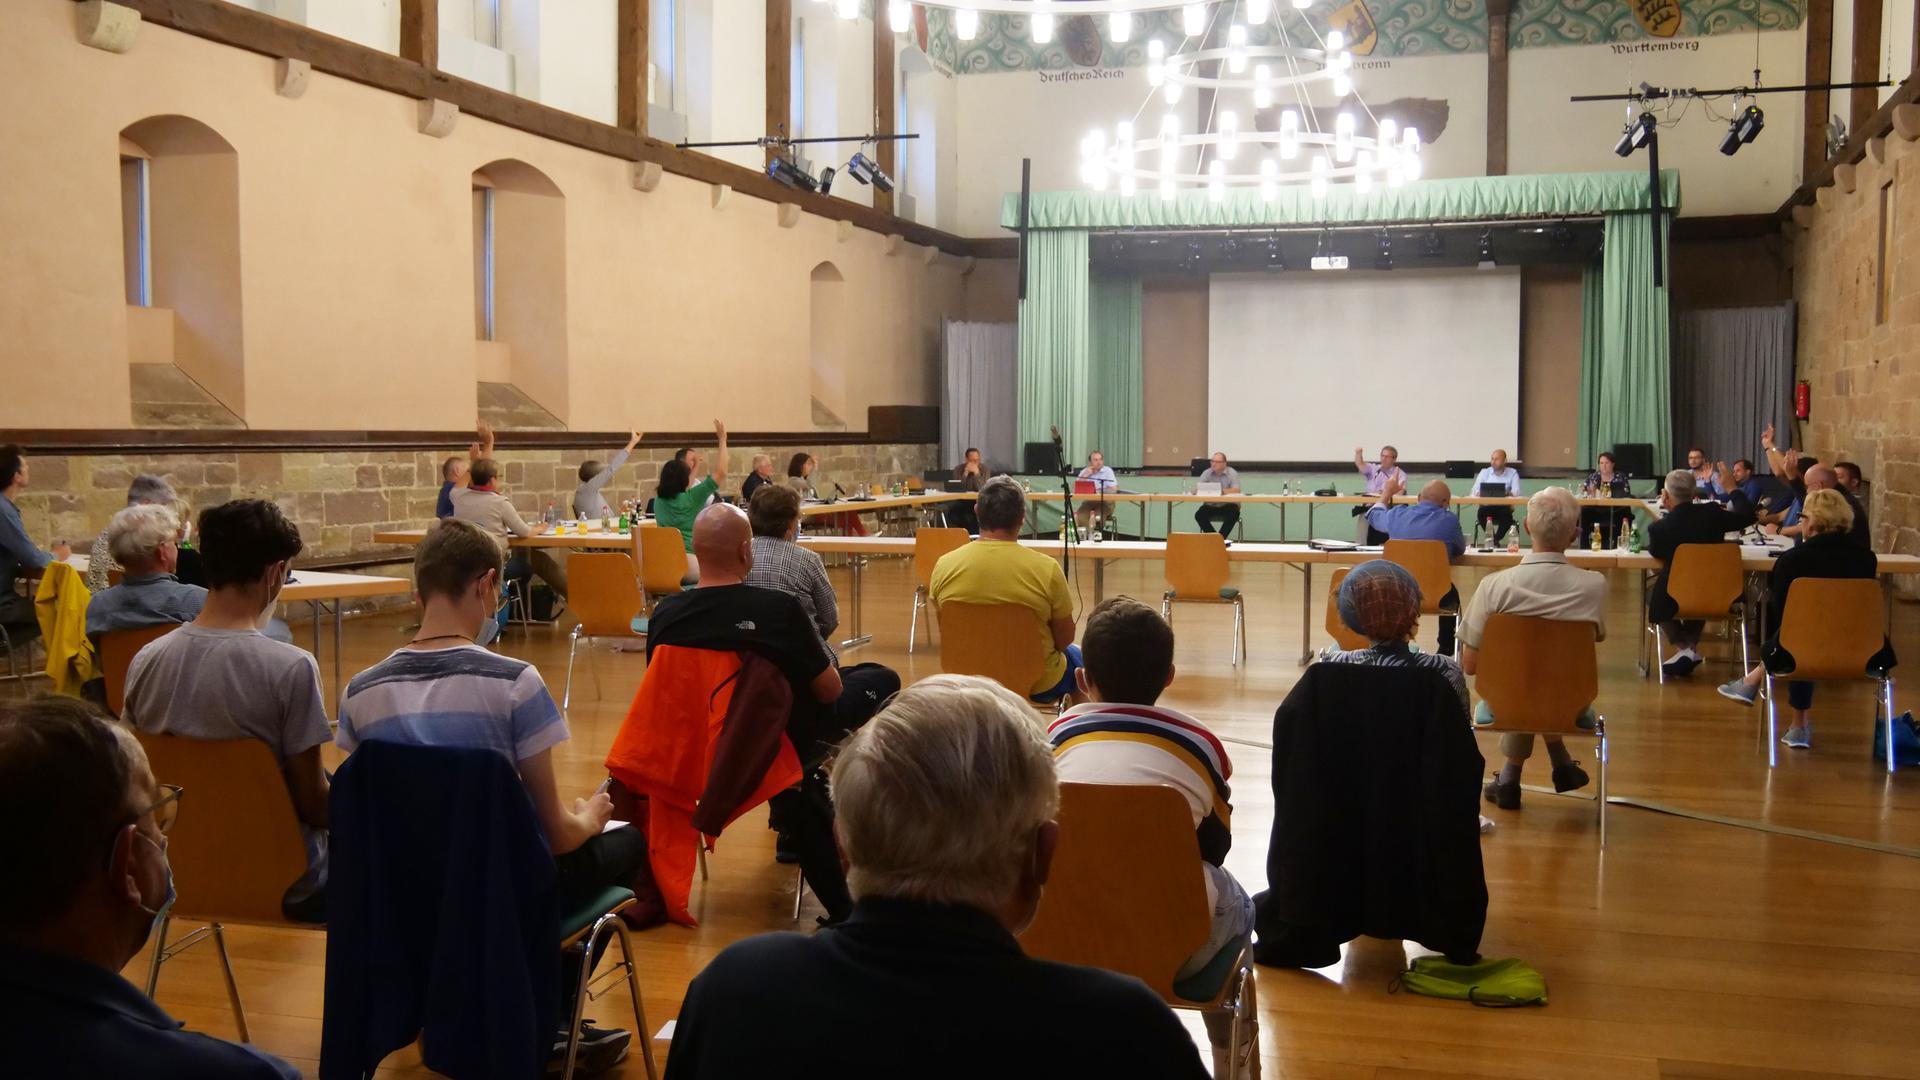 Am Ende stand die Mehrheit: Der Gemeinderat stimmte für eine Potenzial-Analyse. Die Debatte hatten zahlreiche Bürger verfolgt